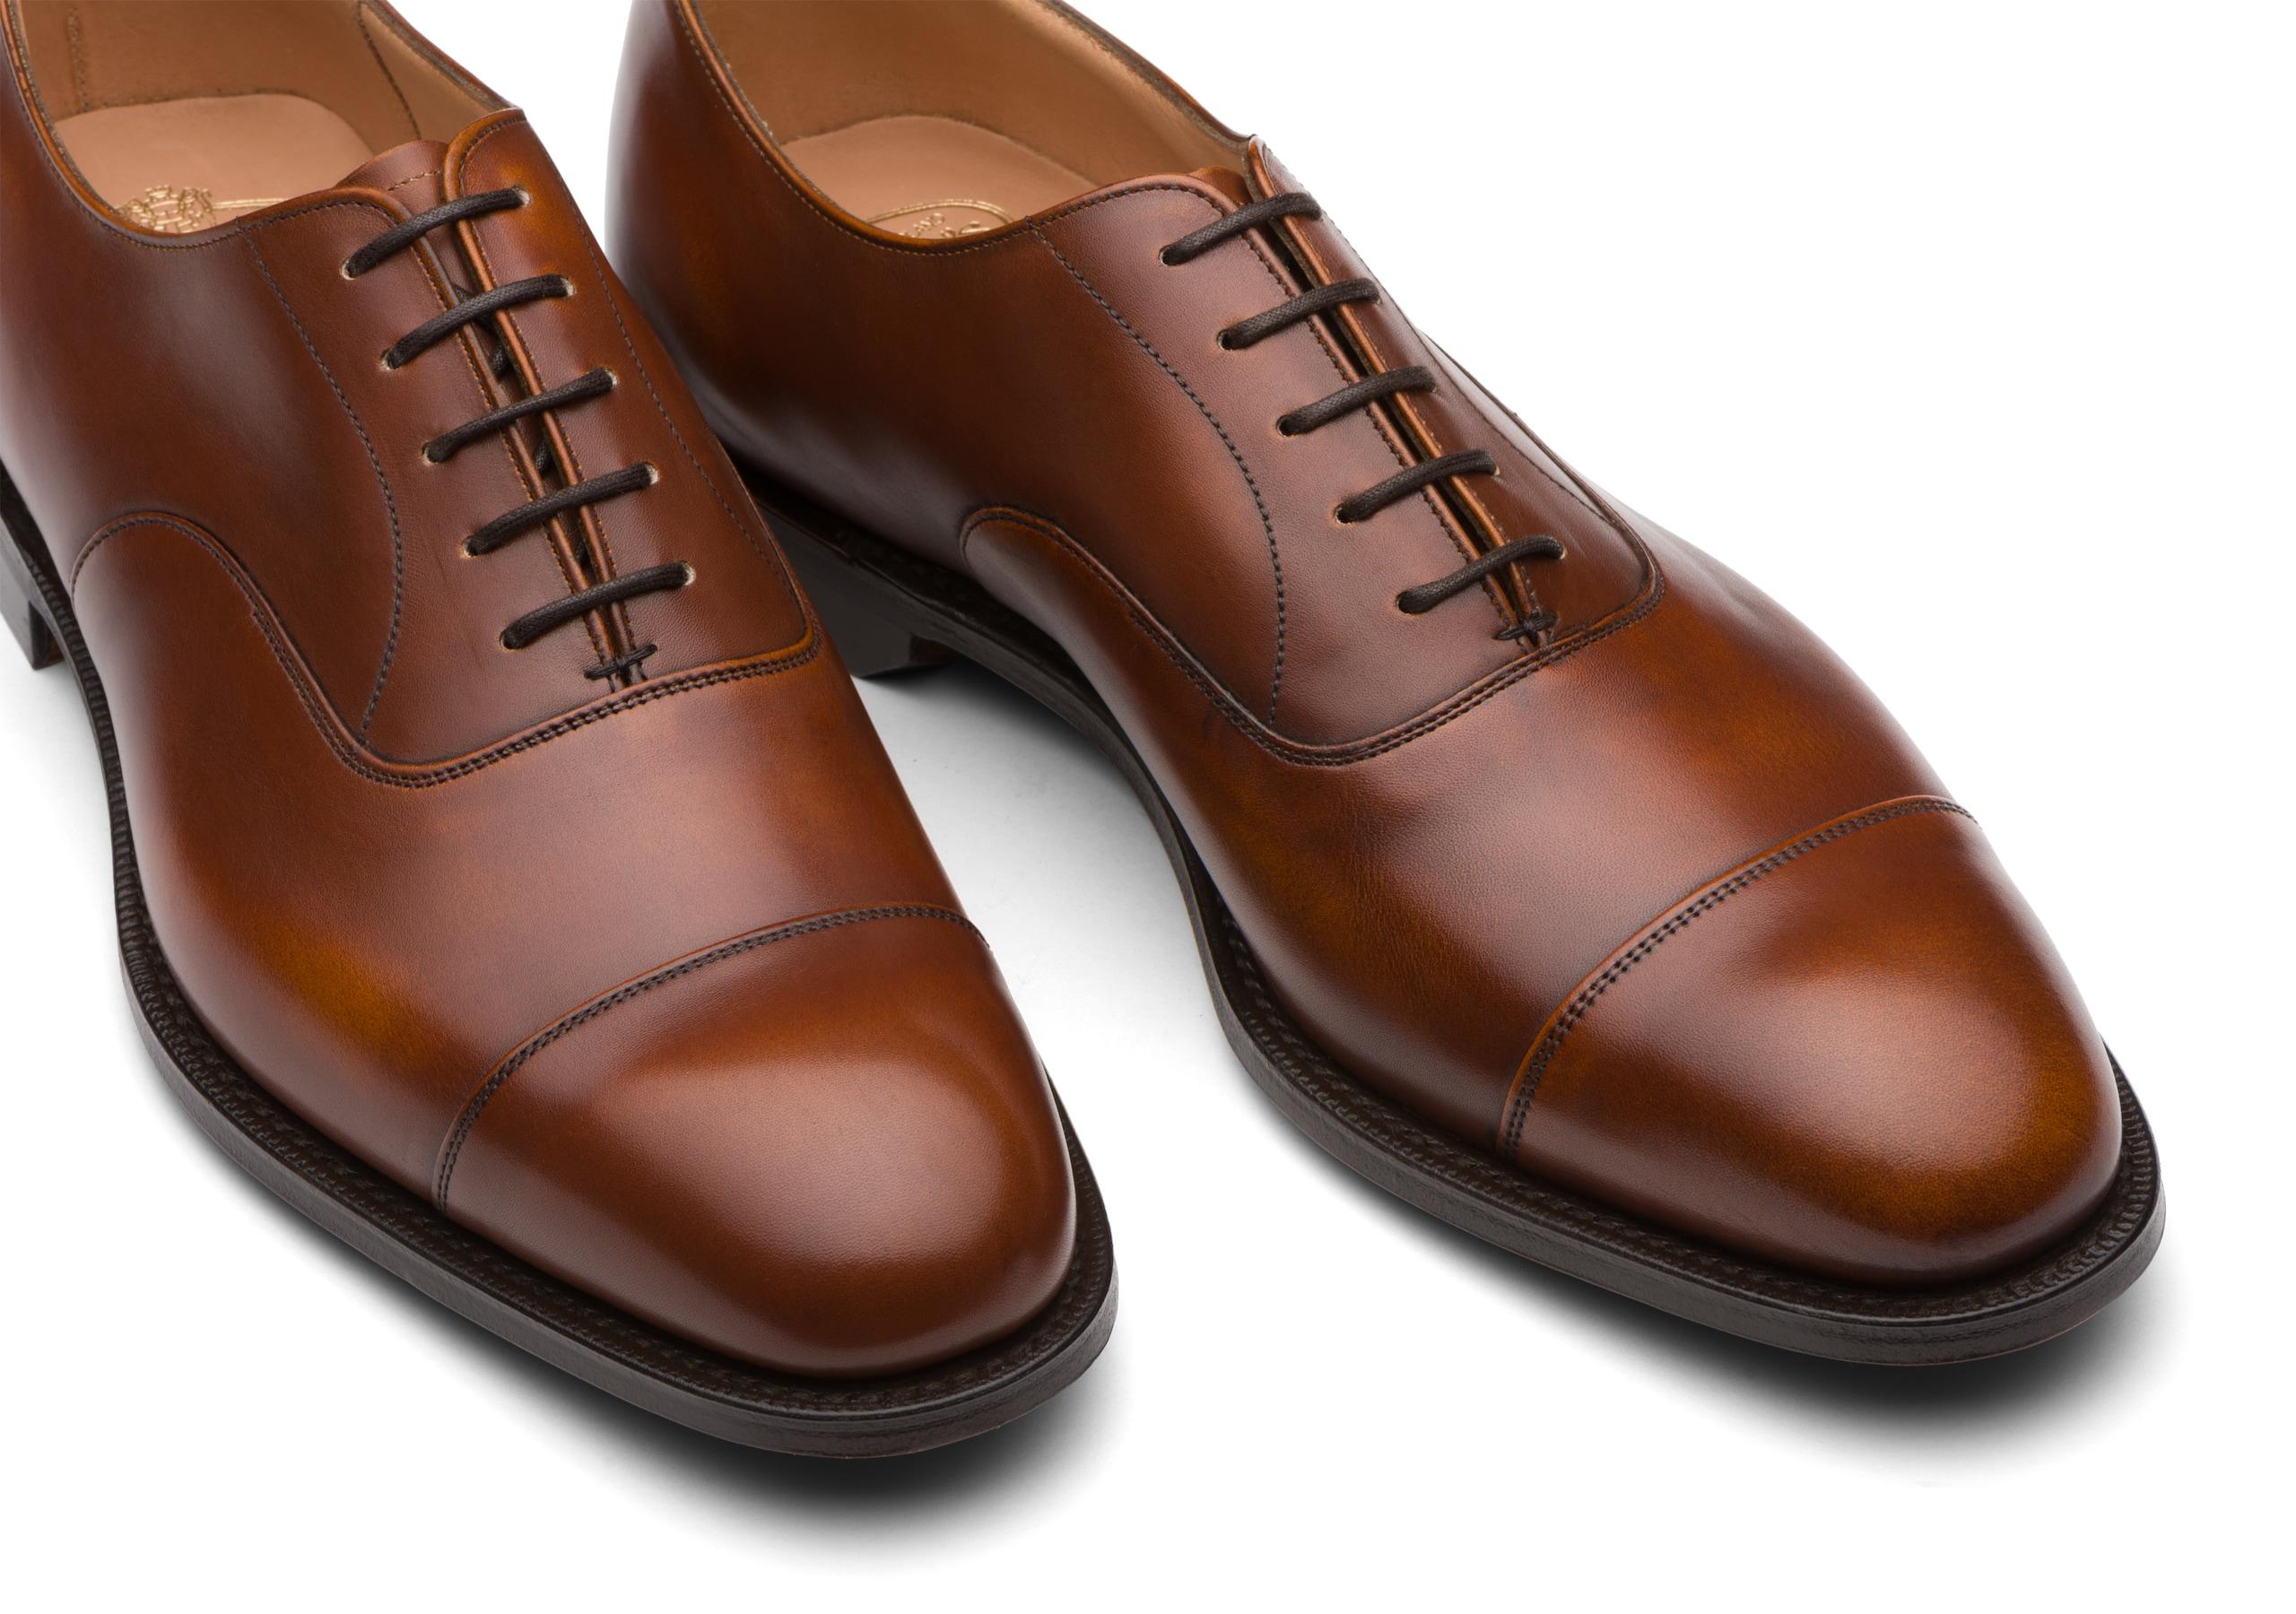 Consul^ Church's Superior Calf Leather Oxford Brown